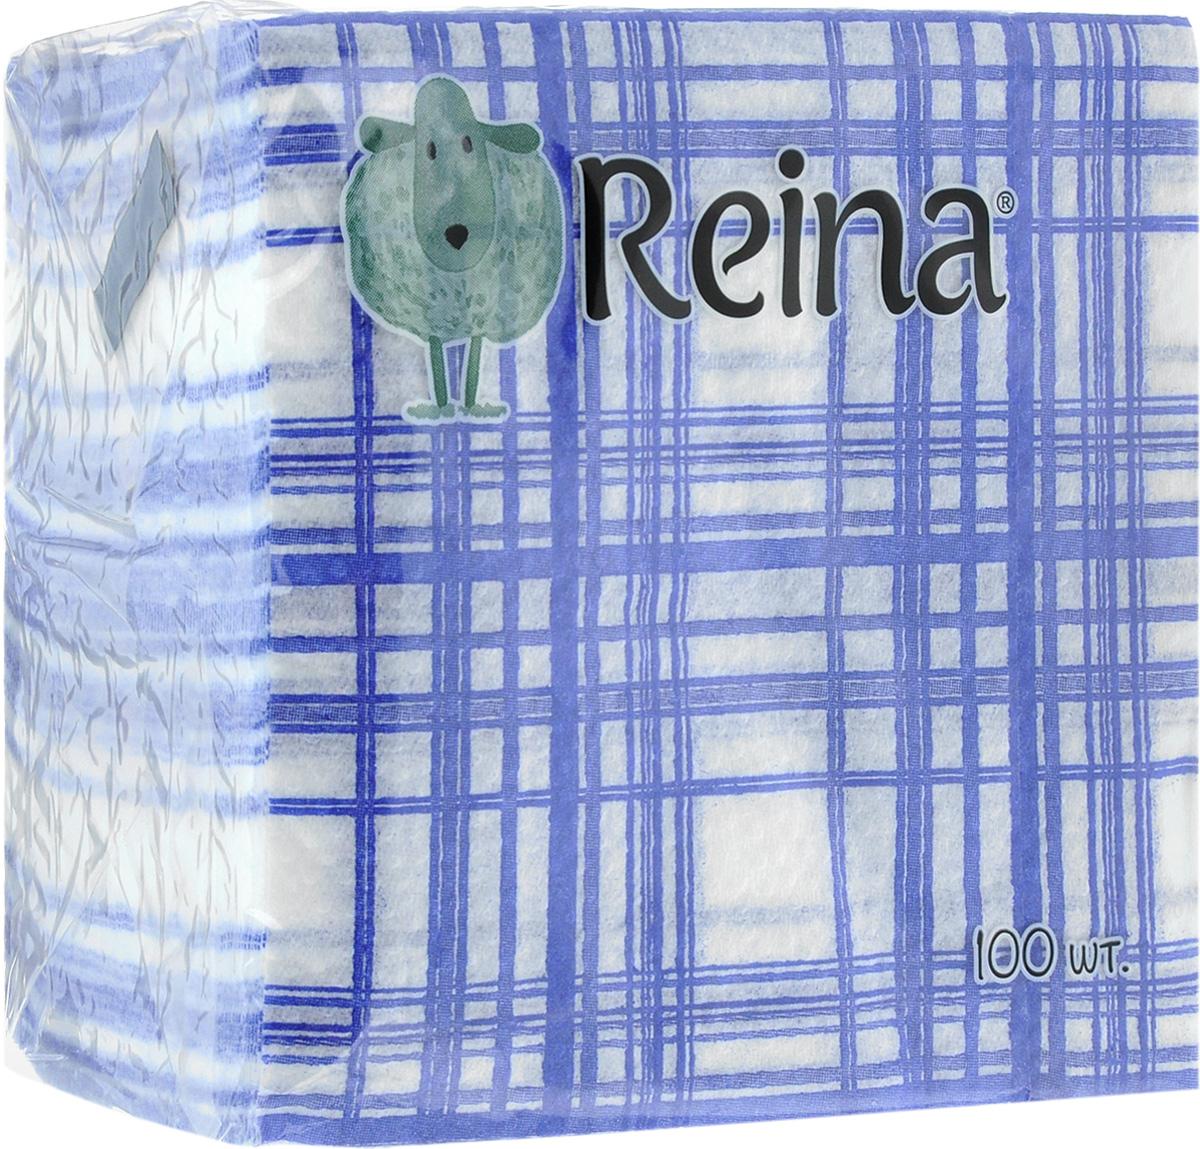 Салфетки бумажные Reina, однослойные, 24 х 24 см, 100 штPUL-000220ксСалфетки бумажные Reina, выполненные из натуральнойцеллюлозы, станут отличным дополнением любогопраздничного стола. Ониотличаются необычной мягкостью и оригинальностью. Размер салфетки: 24 х 24 см.Количество слоев: 1.